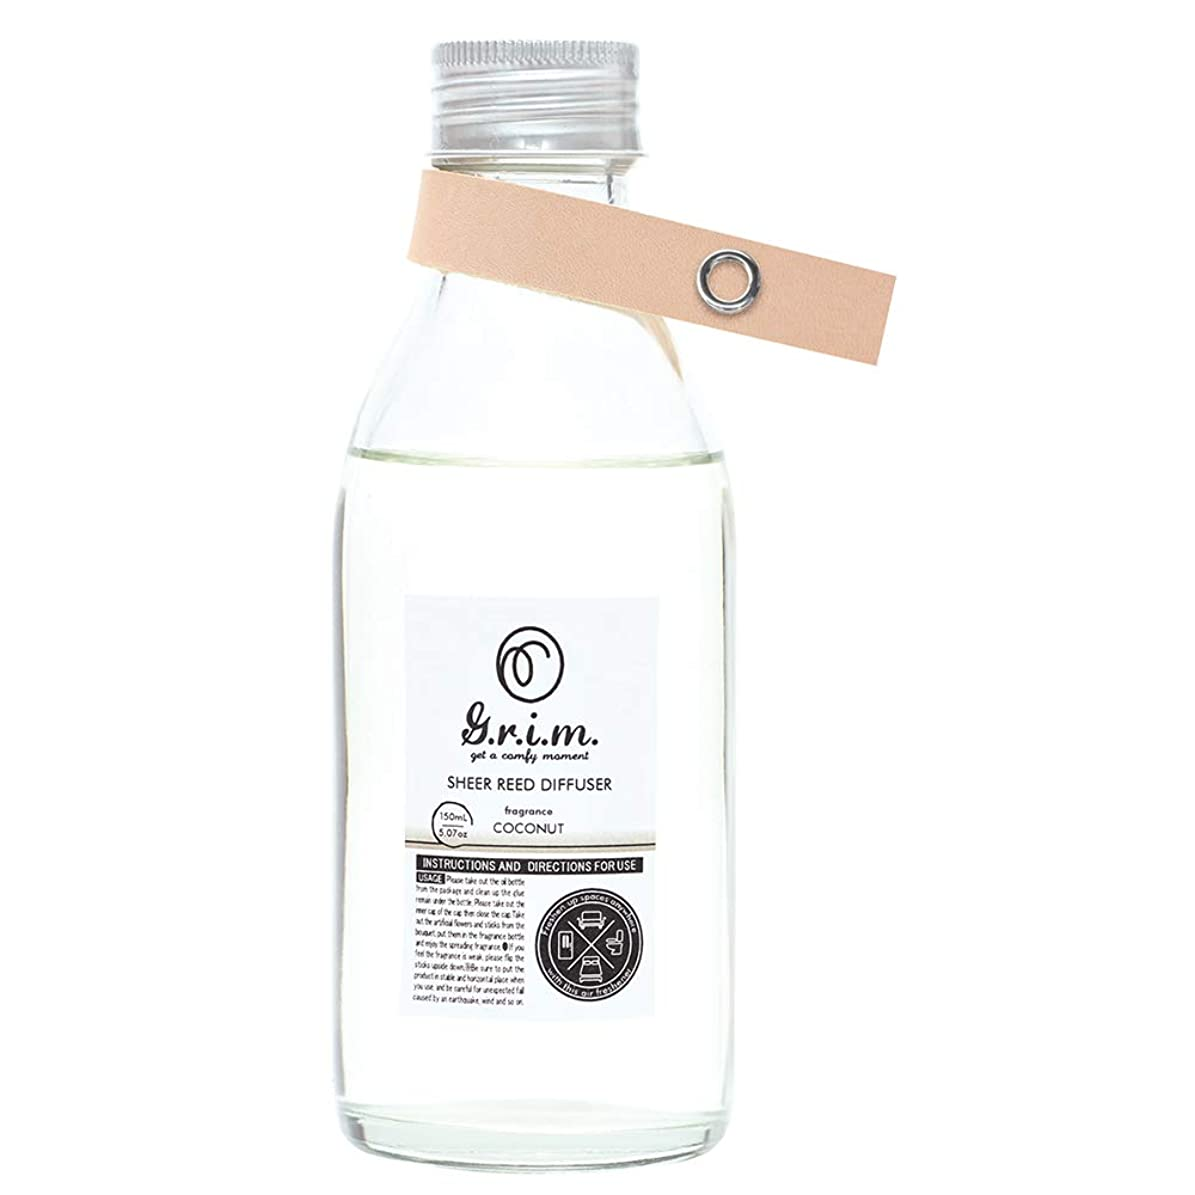 公爵夫人乳剤シュートノルコーポレーション リードディフューザー g.r.i.m 150ml ココナッツの香り OA-GRM-7-2